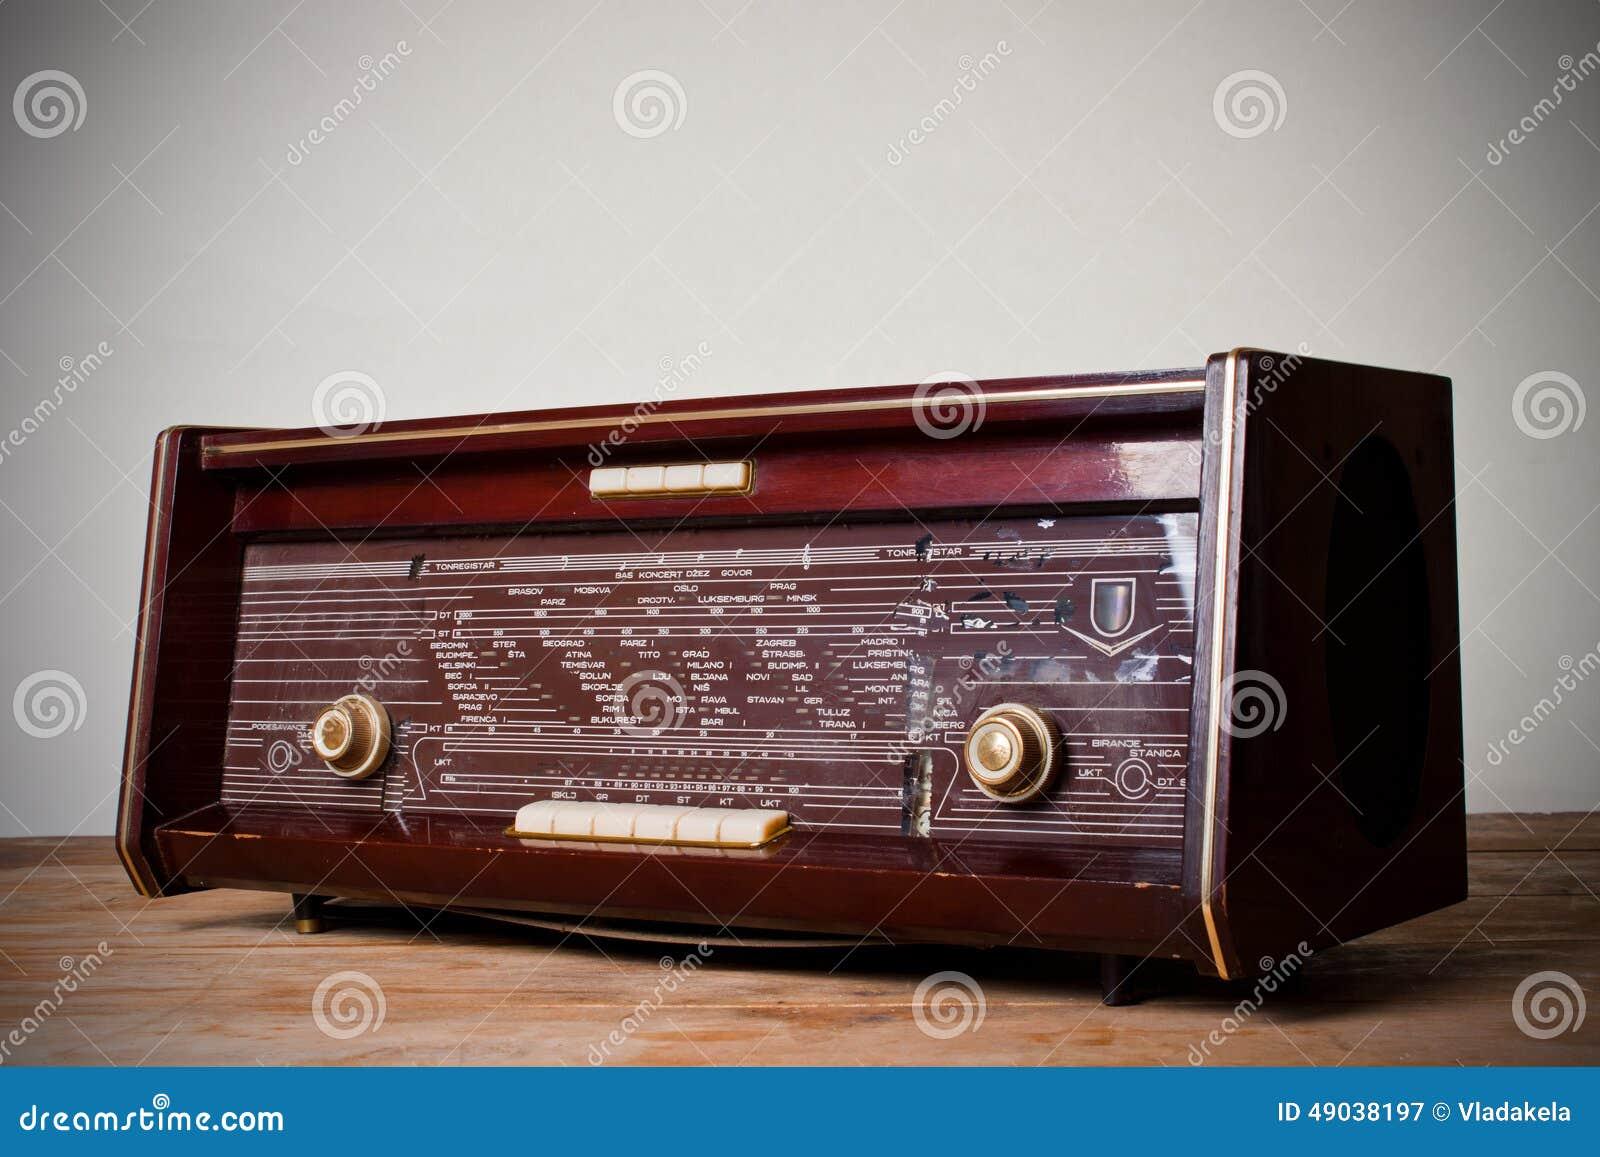 在葡萄酒背景的古色古香的收音机.图片